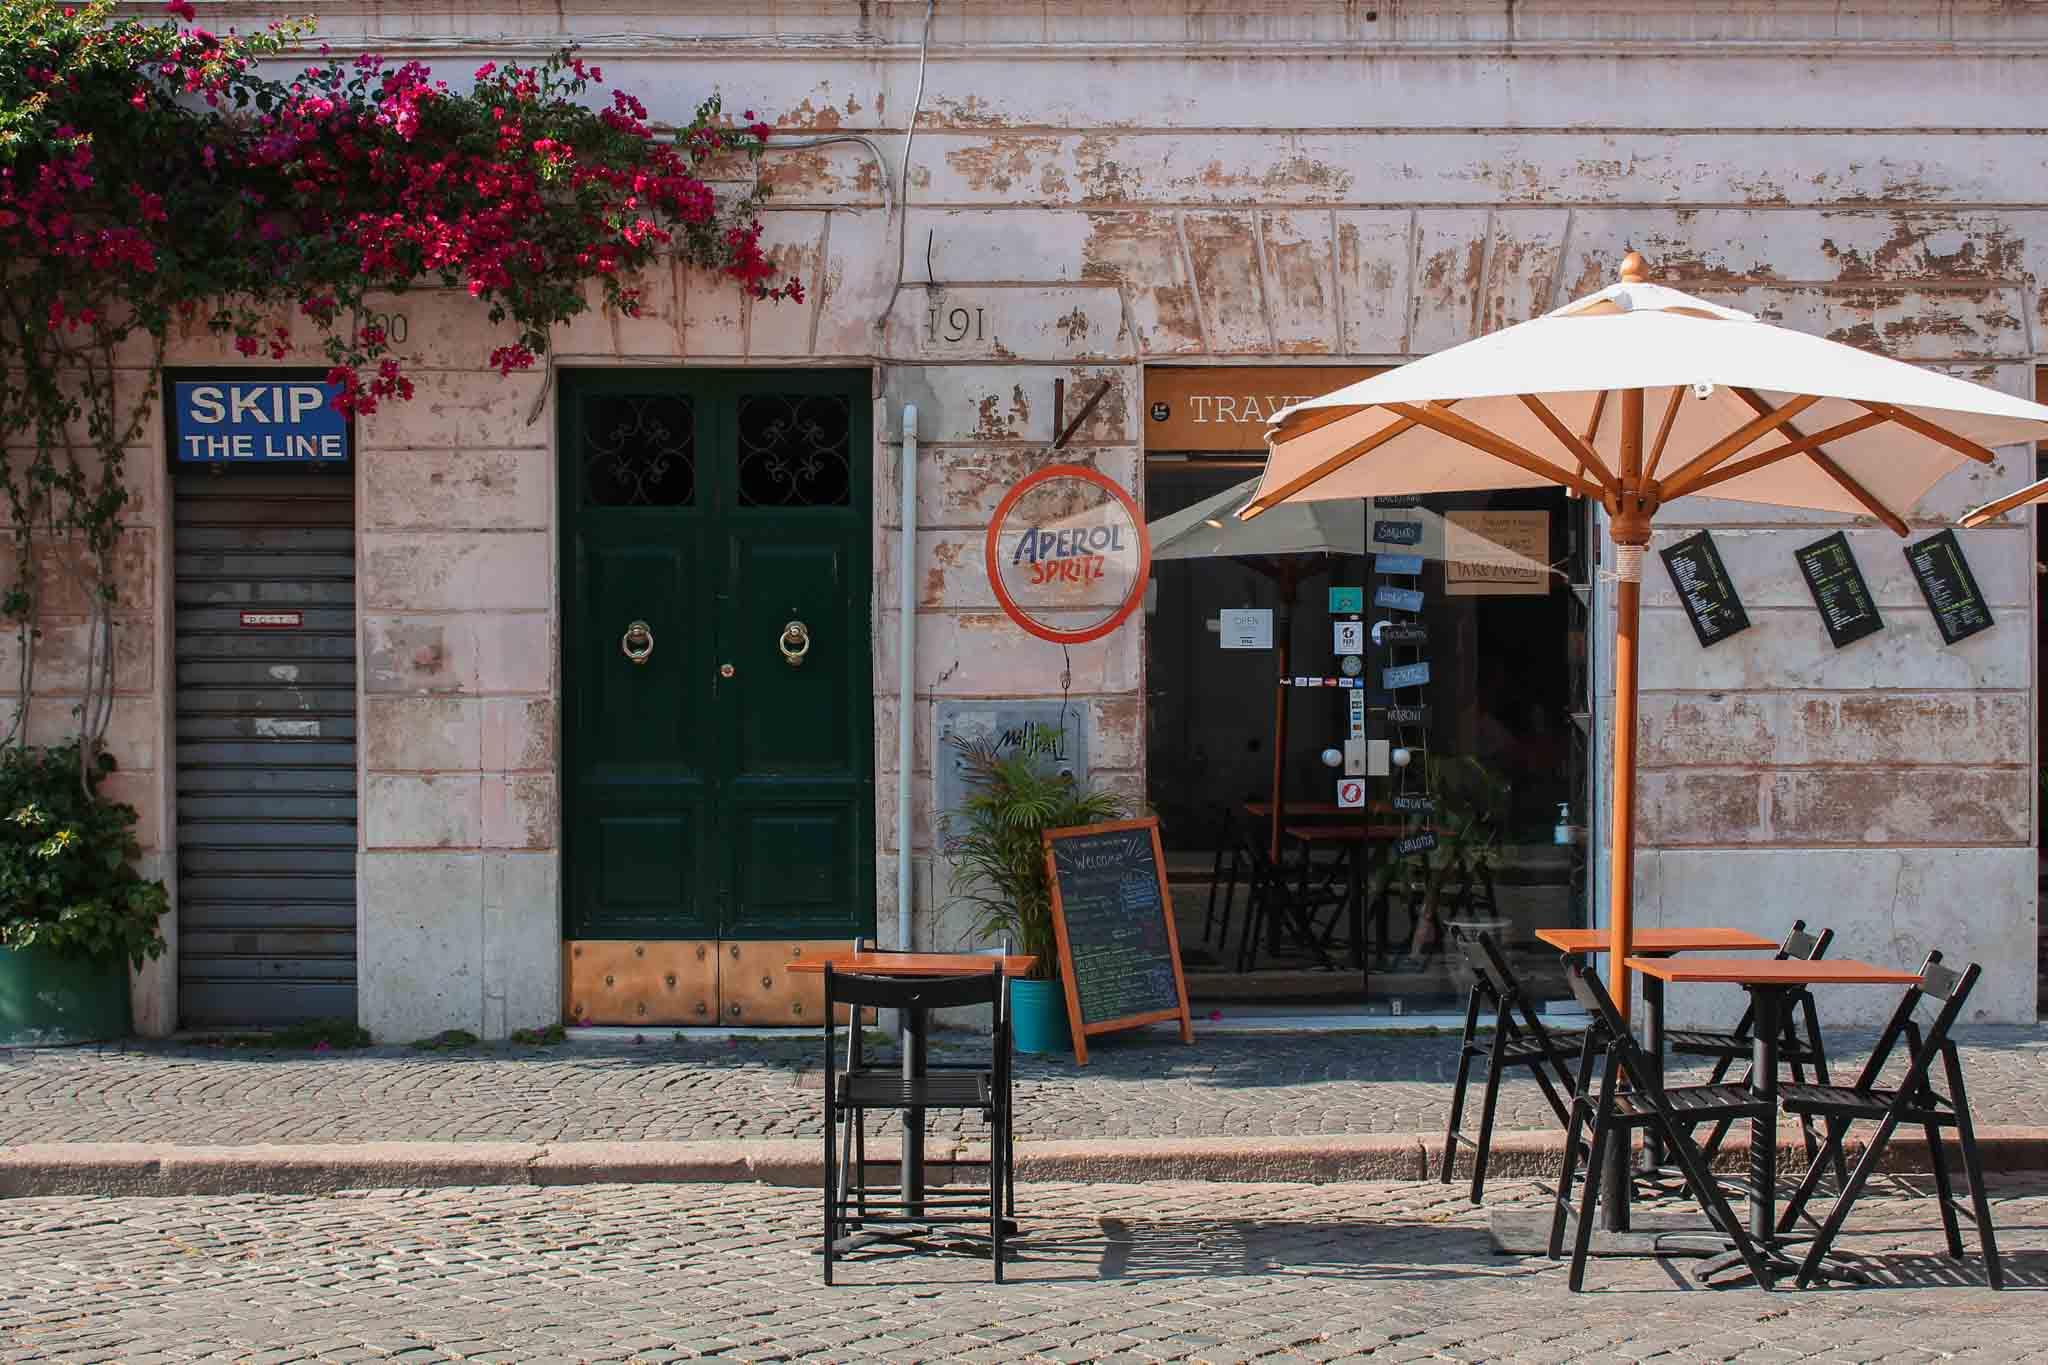 Marta Ray Travel Book Bar, il concept ibrido tra innovazione e convivialità